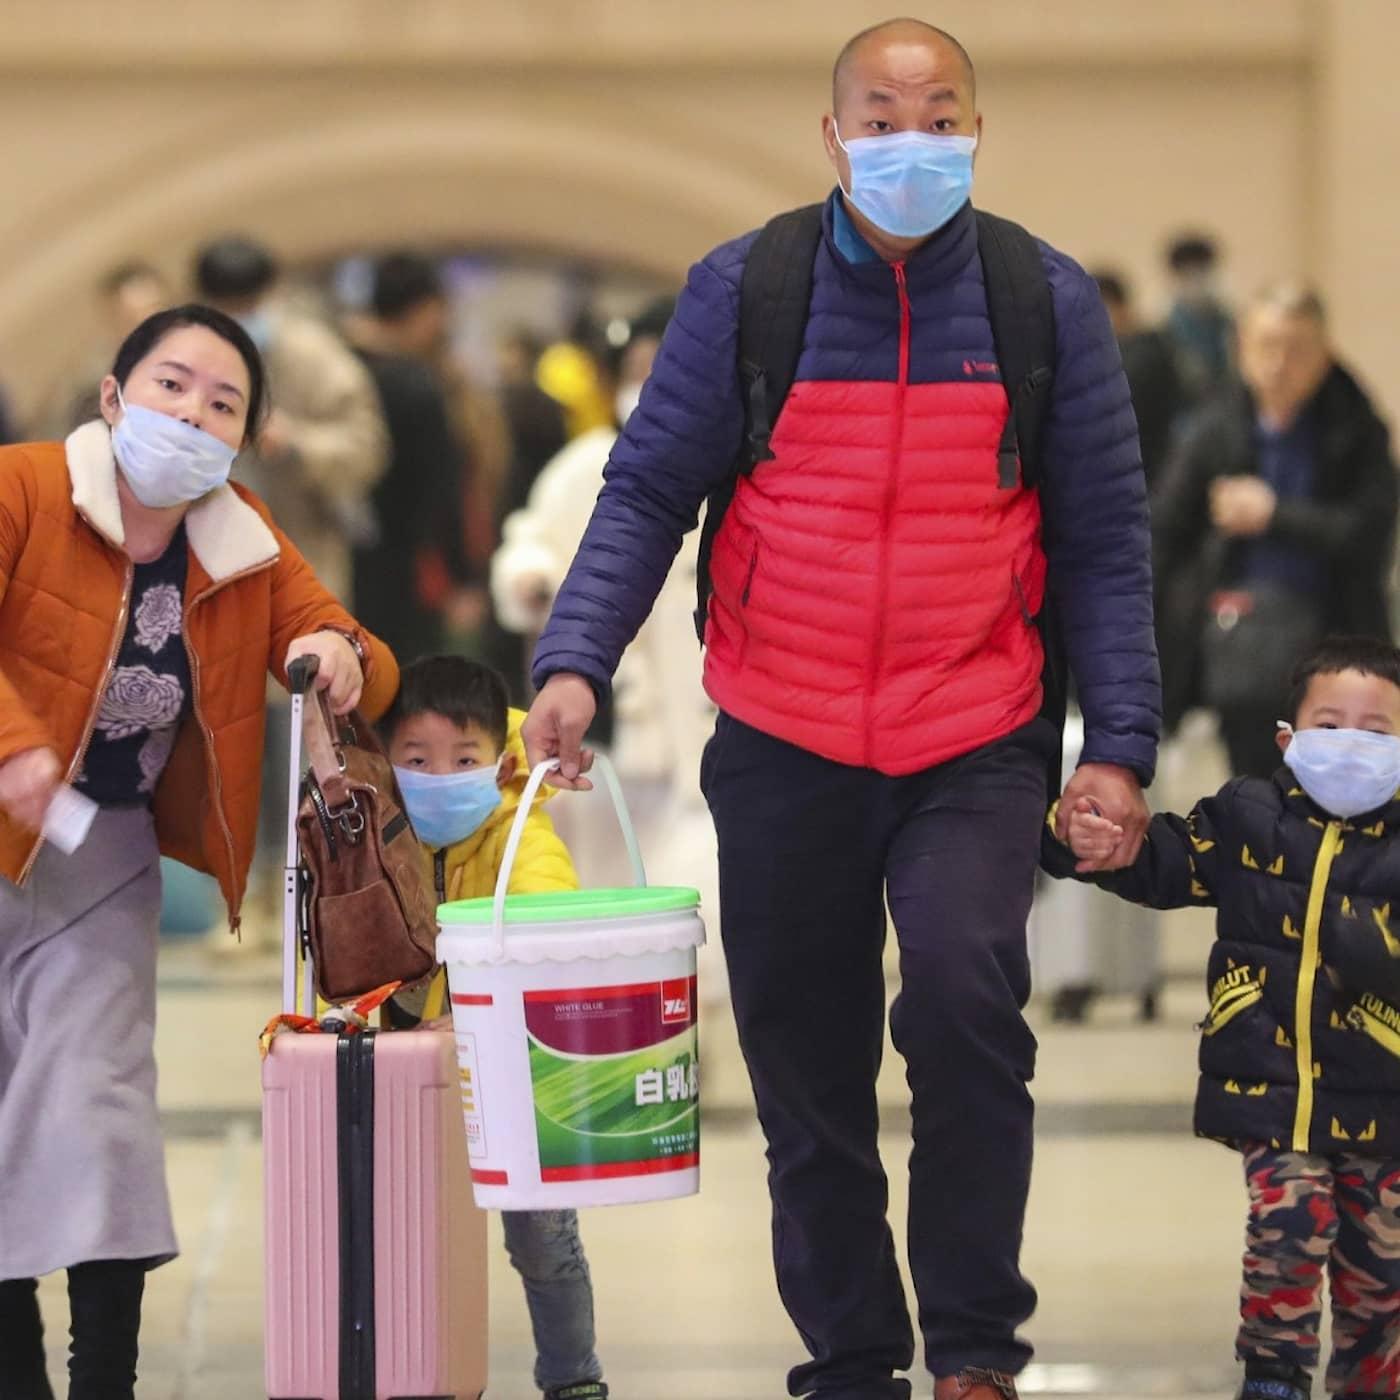 Vetandets värld: Coronaviruset i Kina – hur allvarligt blir det?